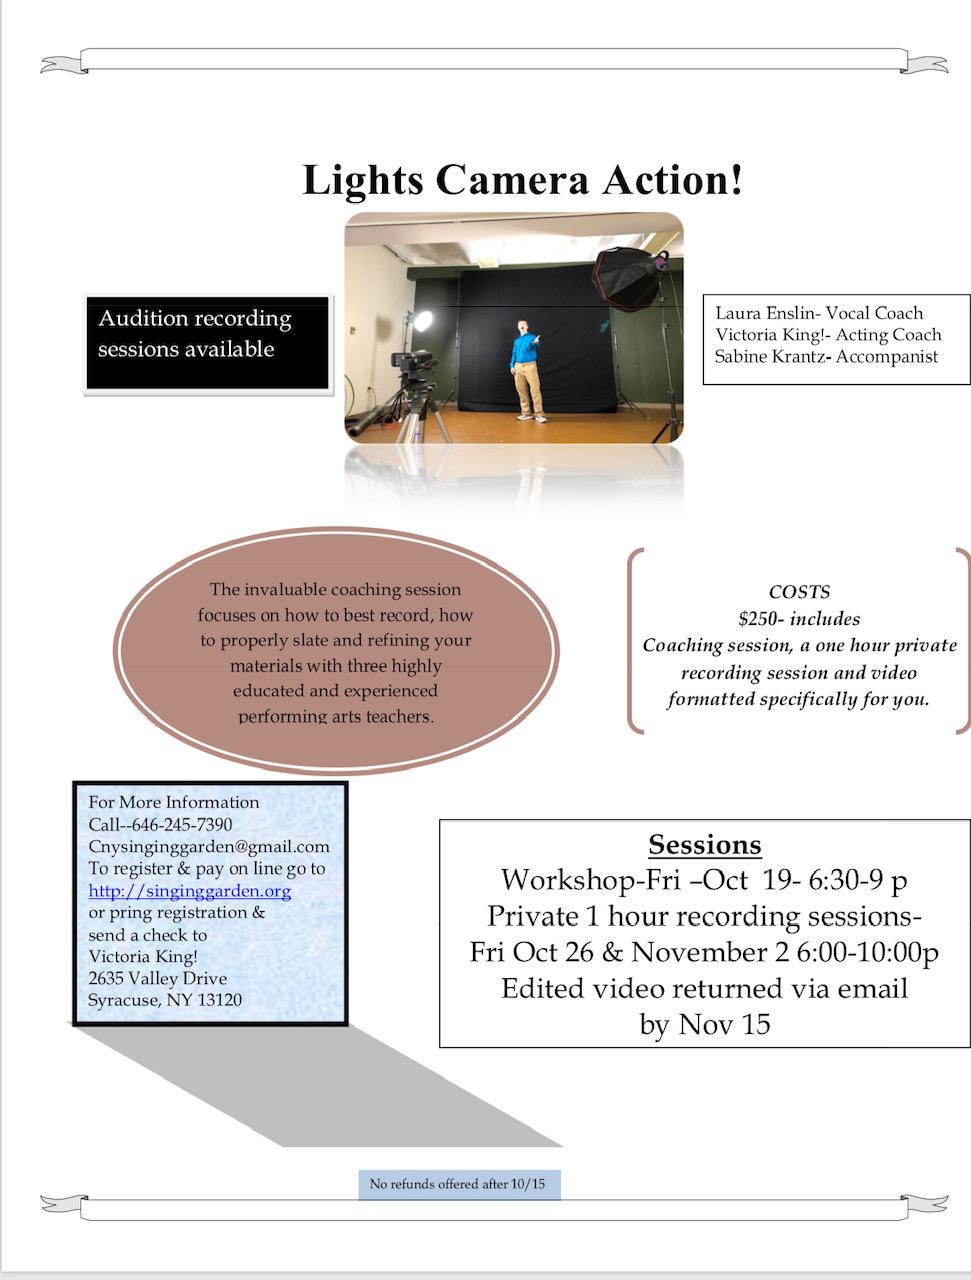 Ligths Camera Action!.jpg